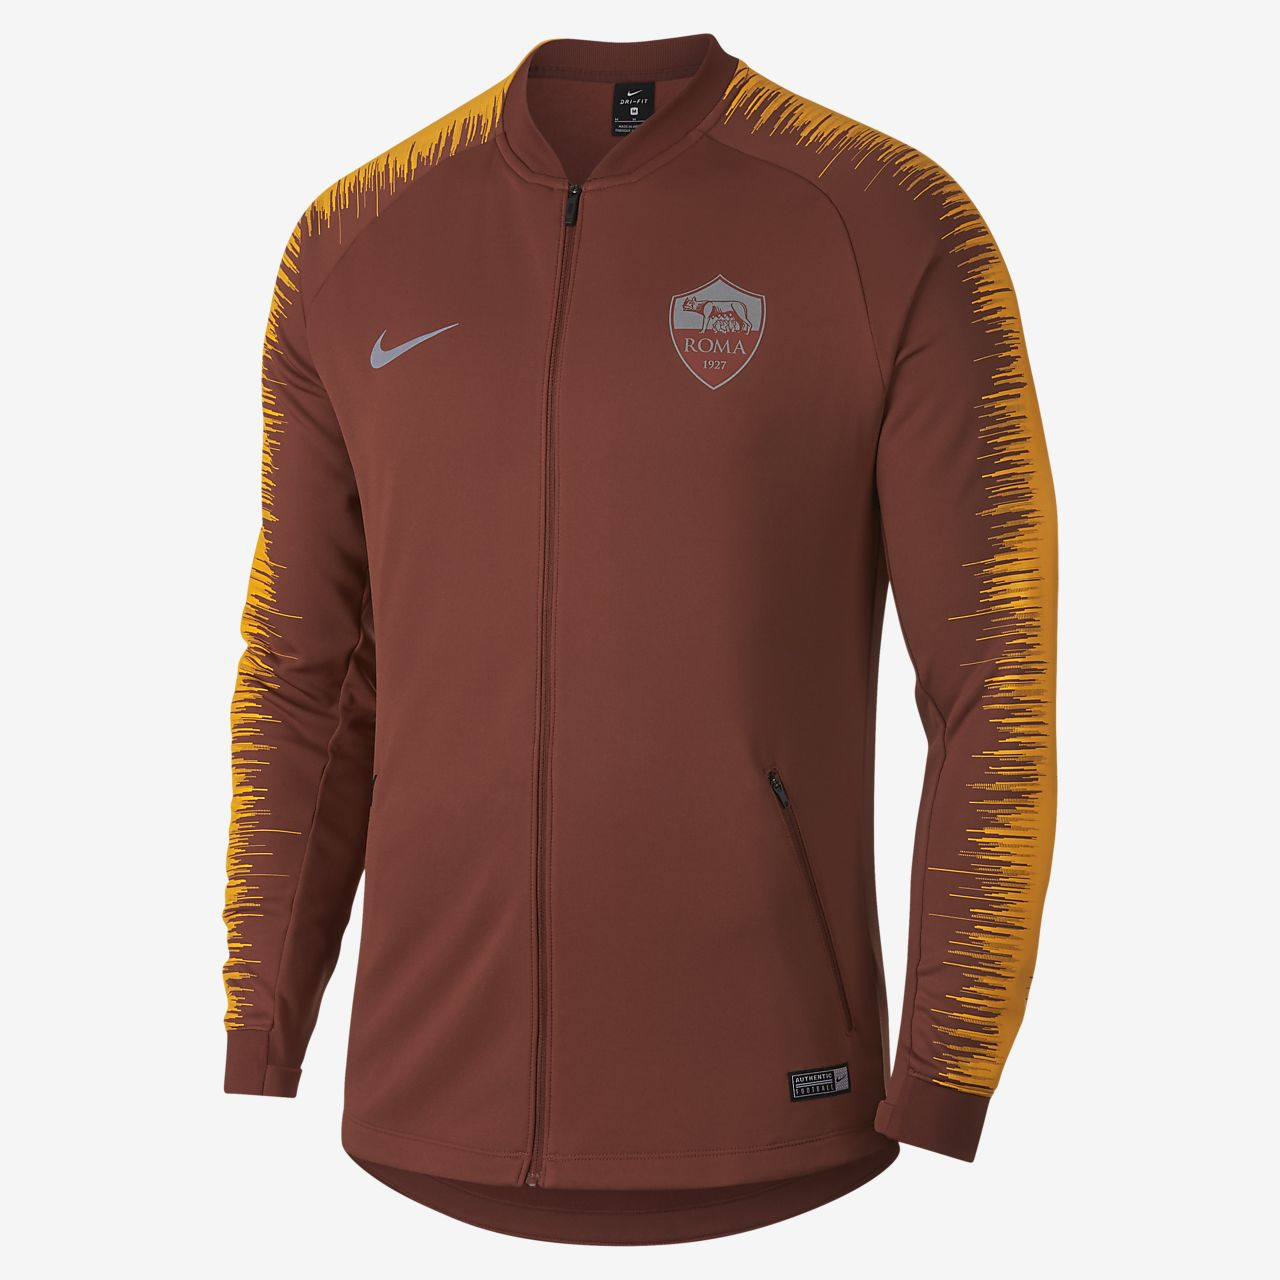 A.S. Roma Anthem Chaqueta de fútbol - Hombre. Nike.com ES 22aba6f74da